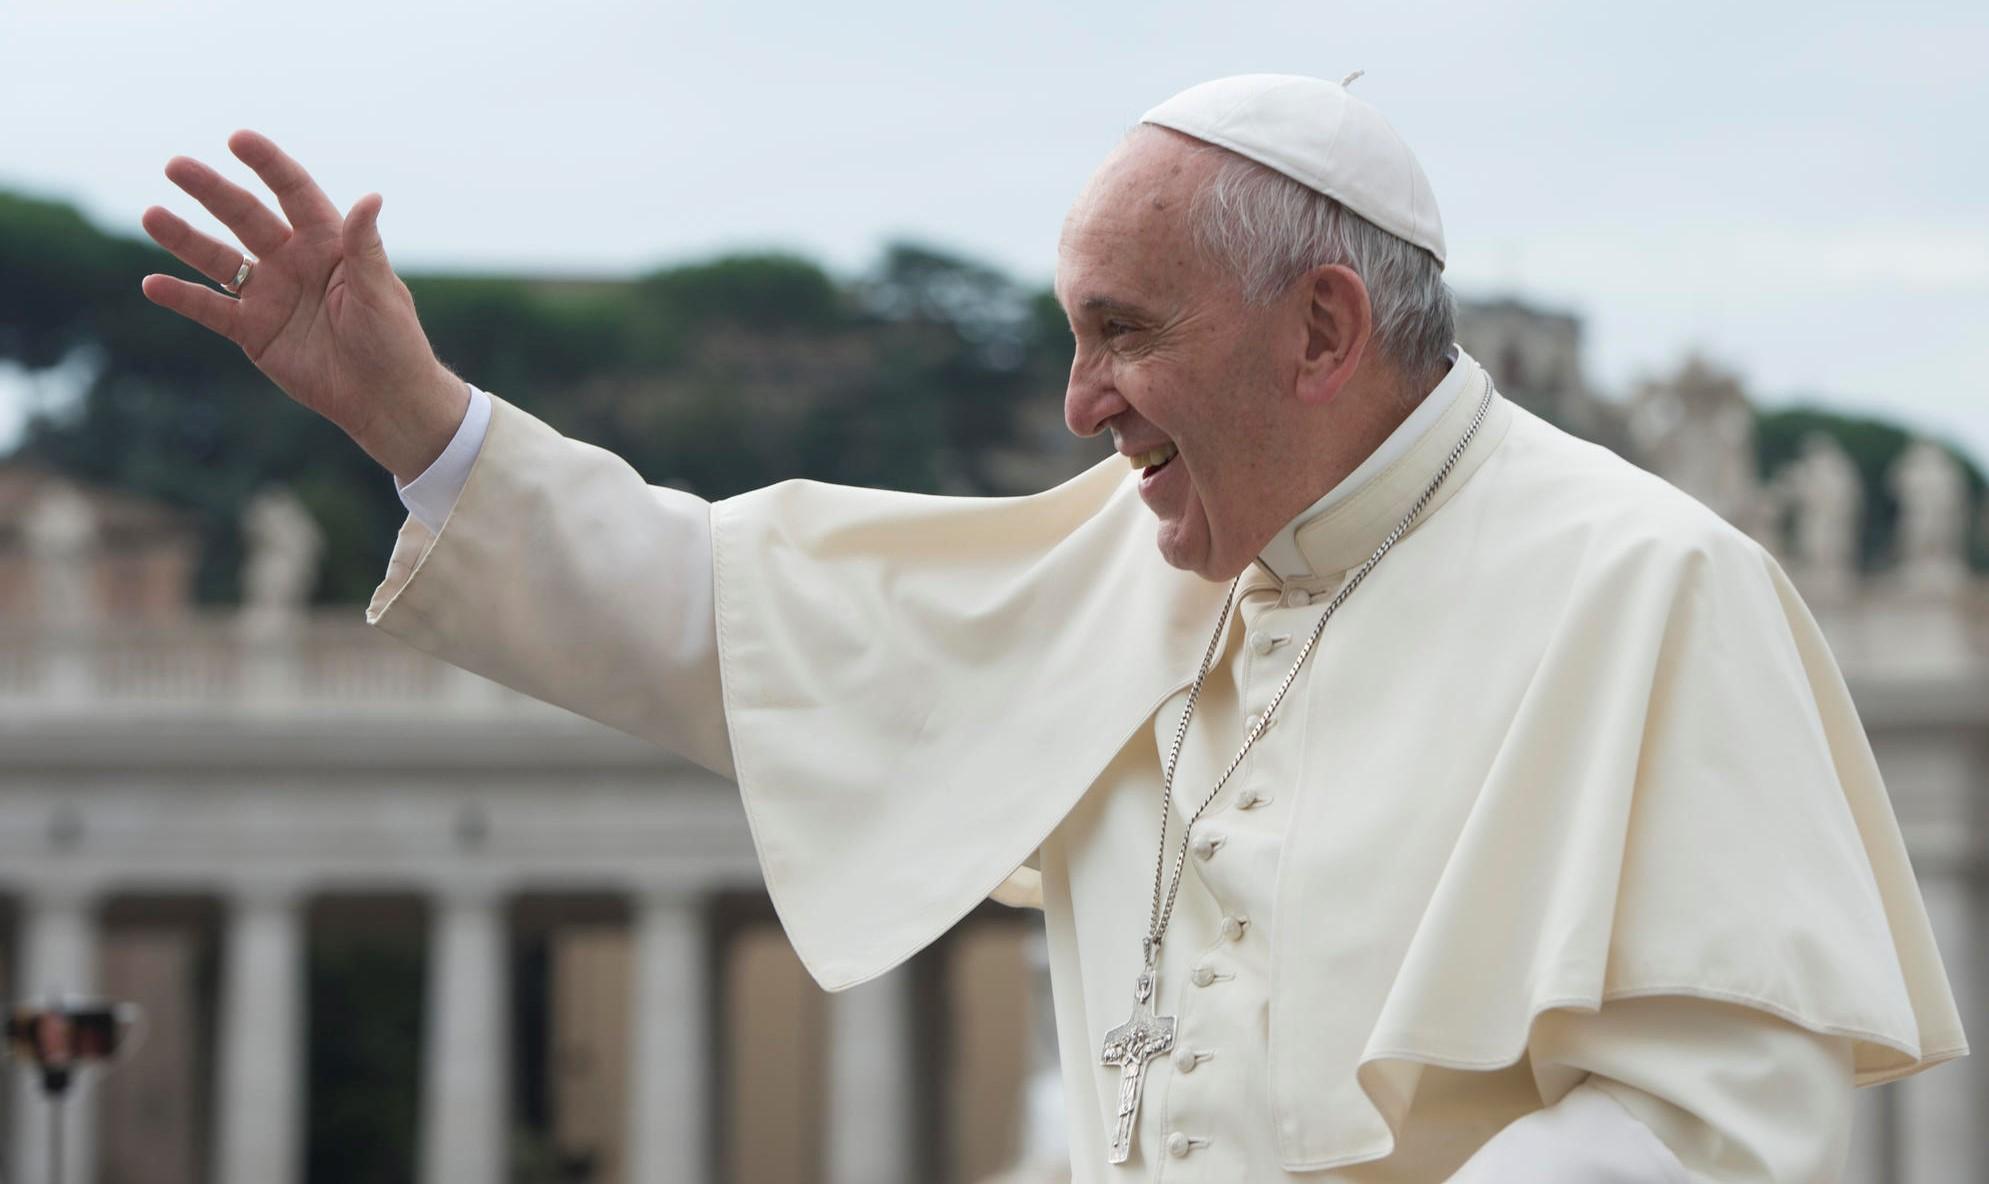 Paus waarschuwt voor hergeboorte antisemitisme